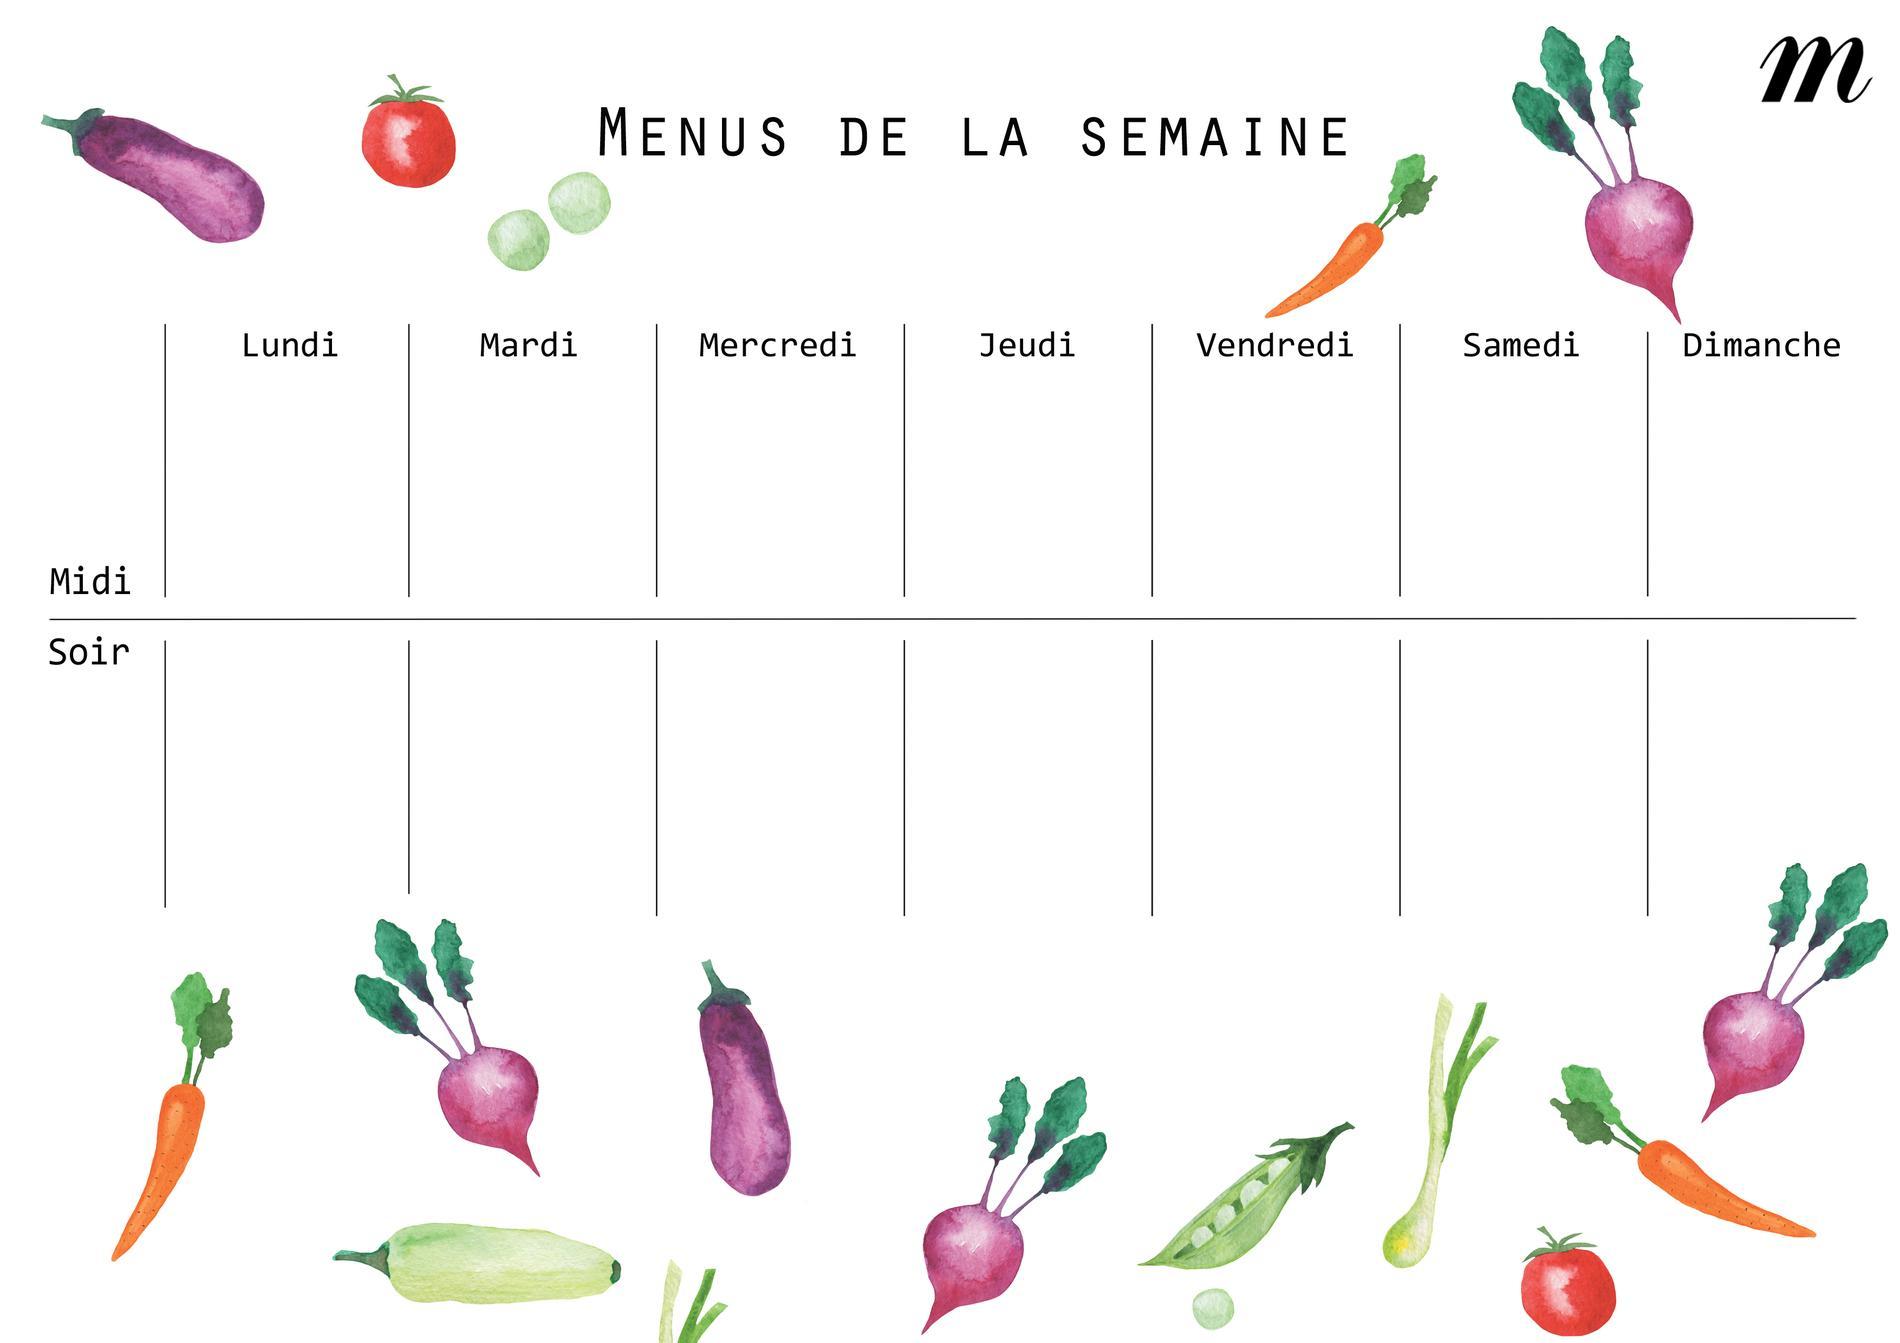 Connu Les bons conseils pour composer ses menus de la semaine - MB77